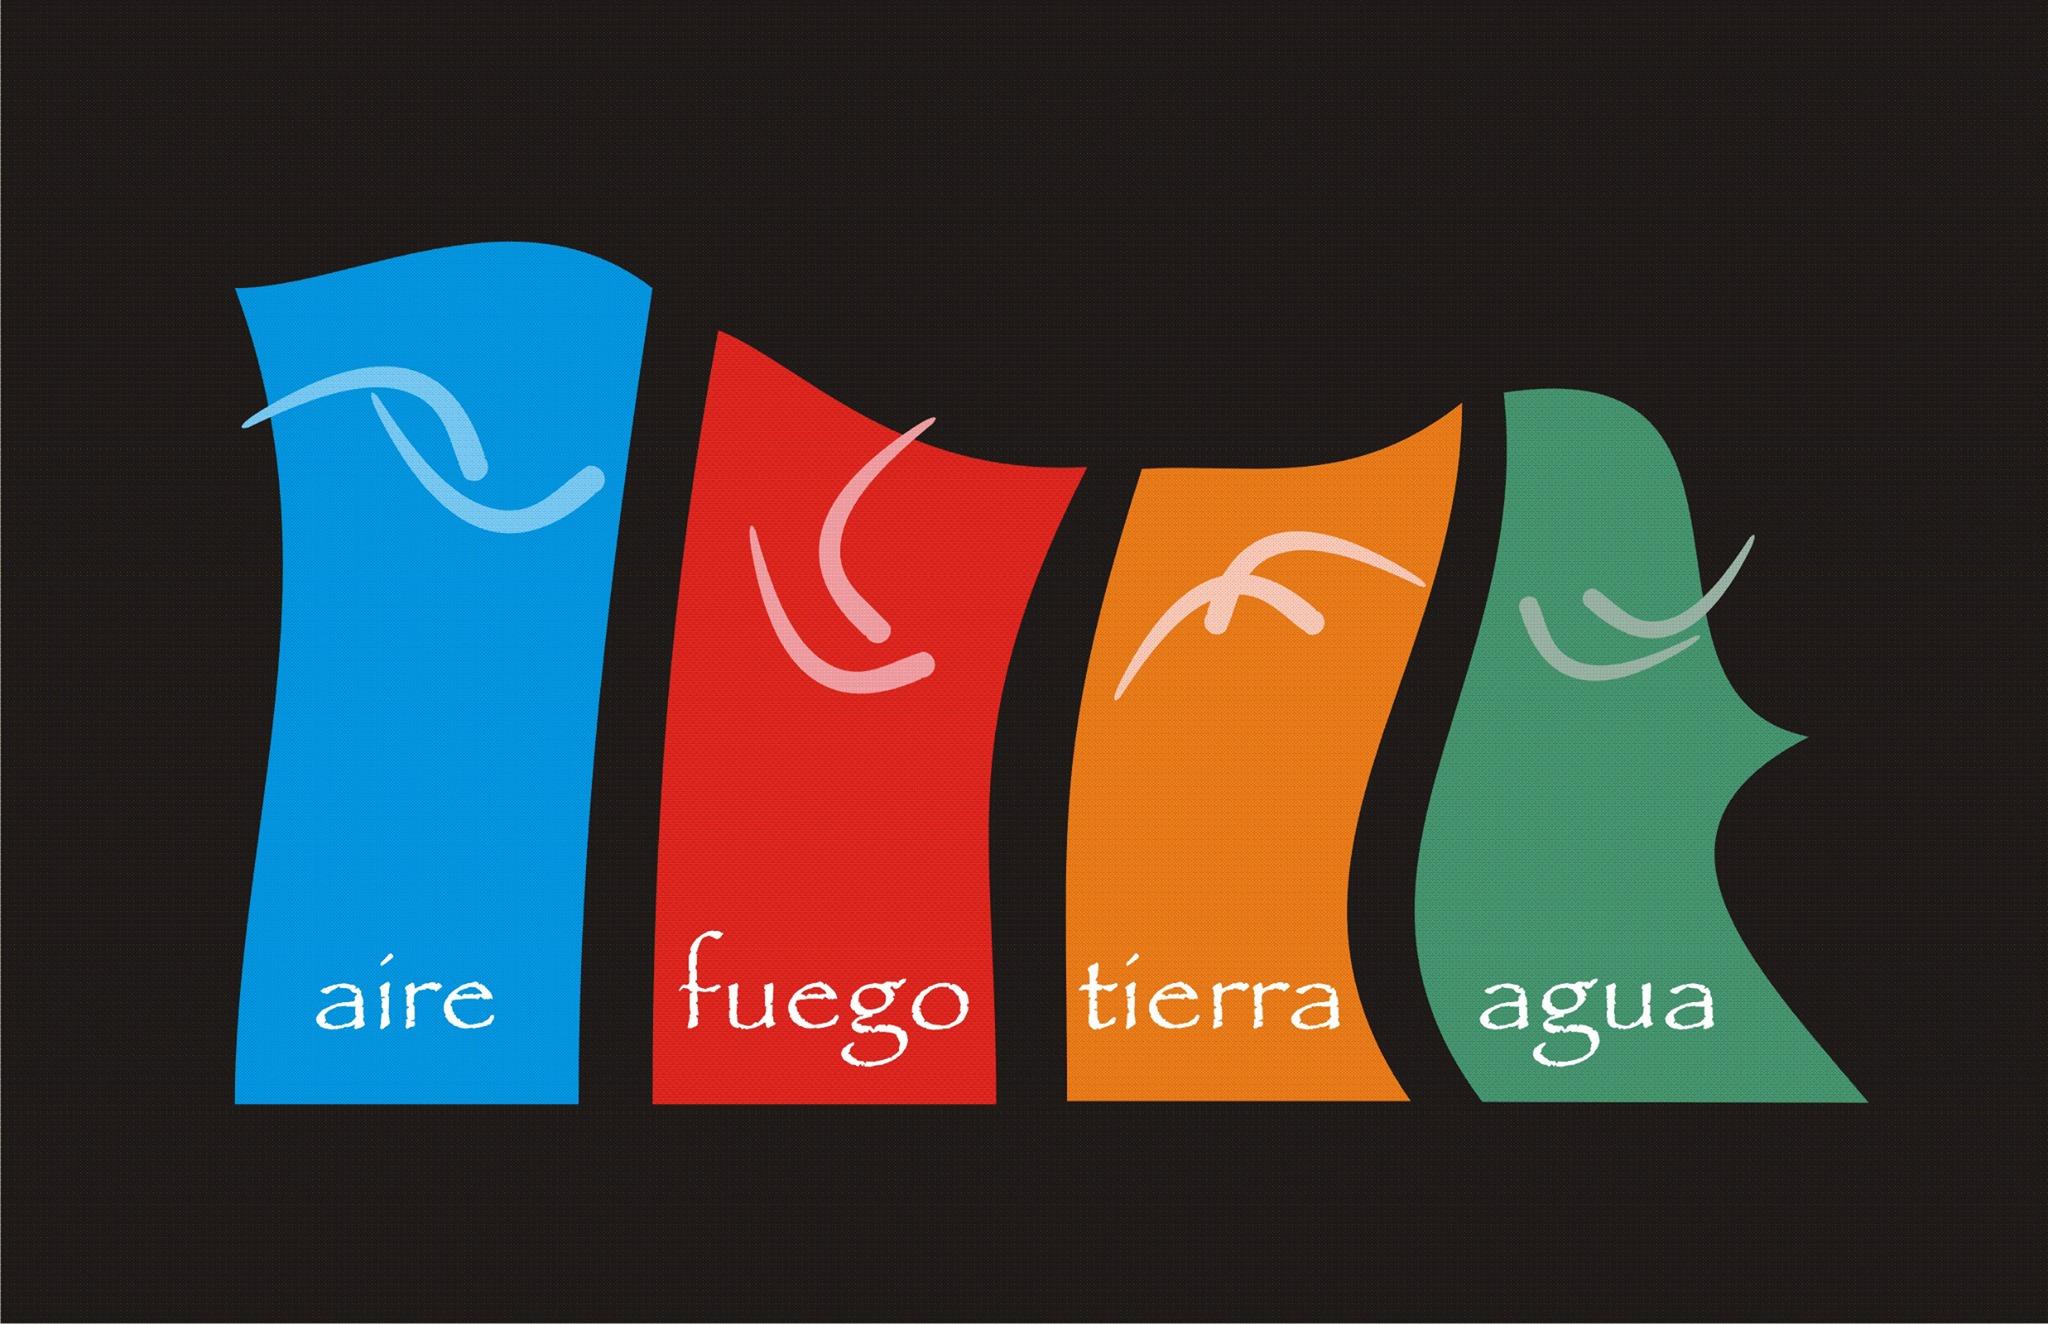 Cuatro Elementos Espacio Teatral anuncia su programación